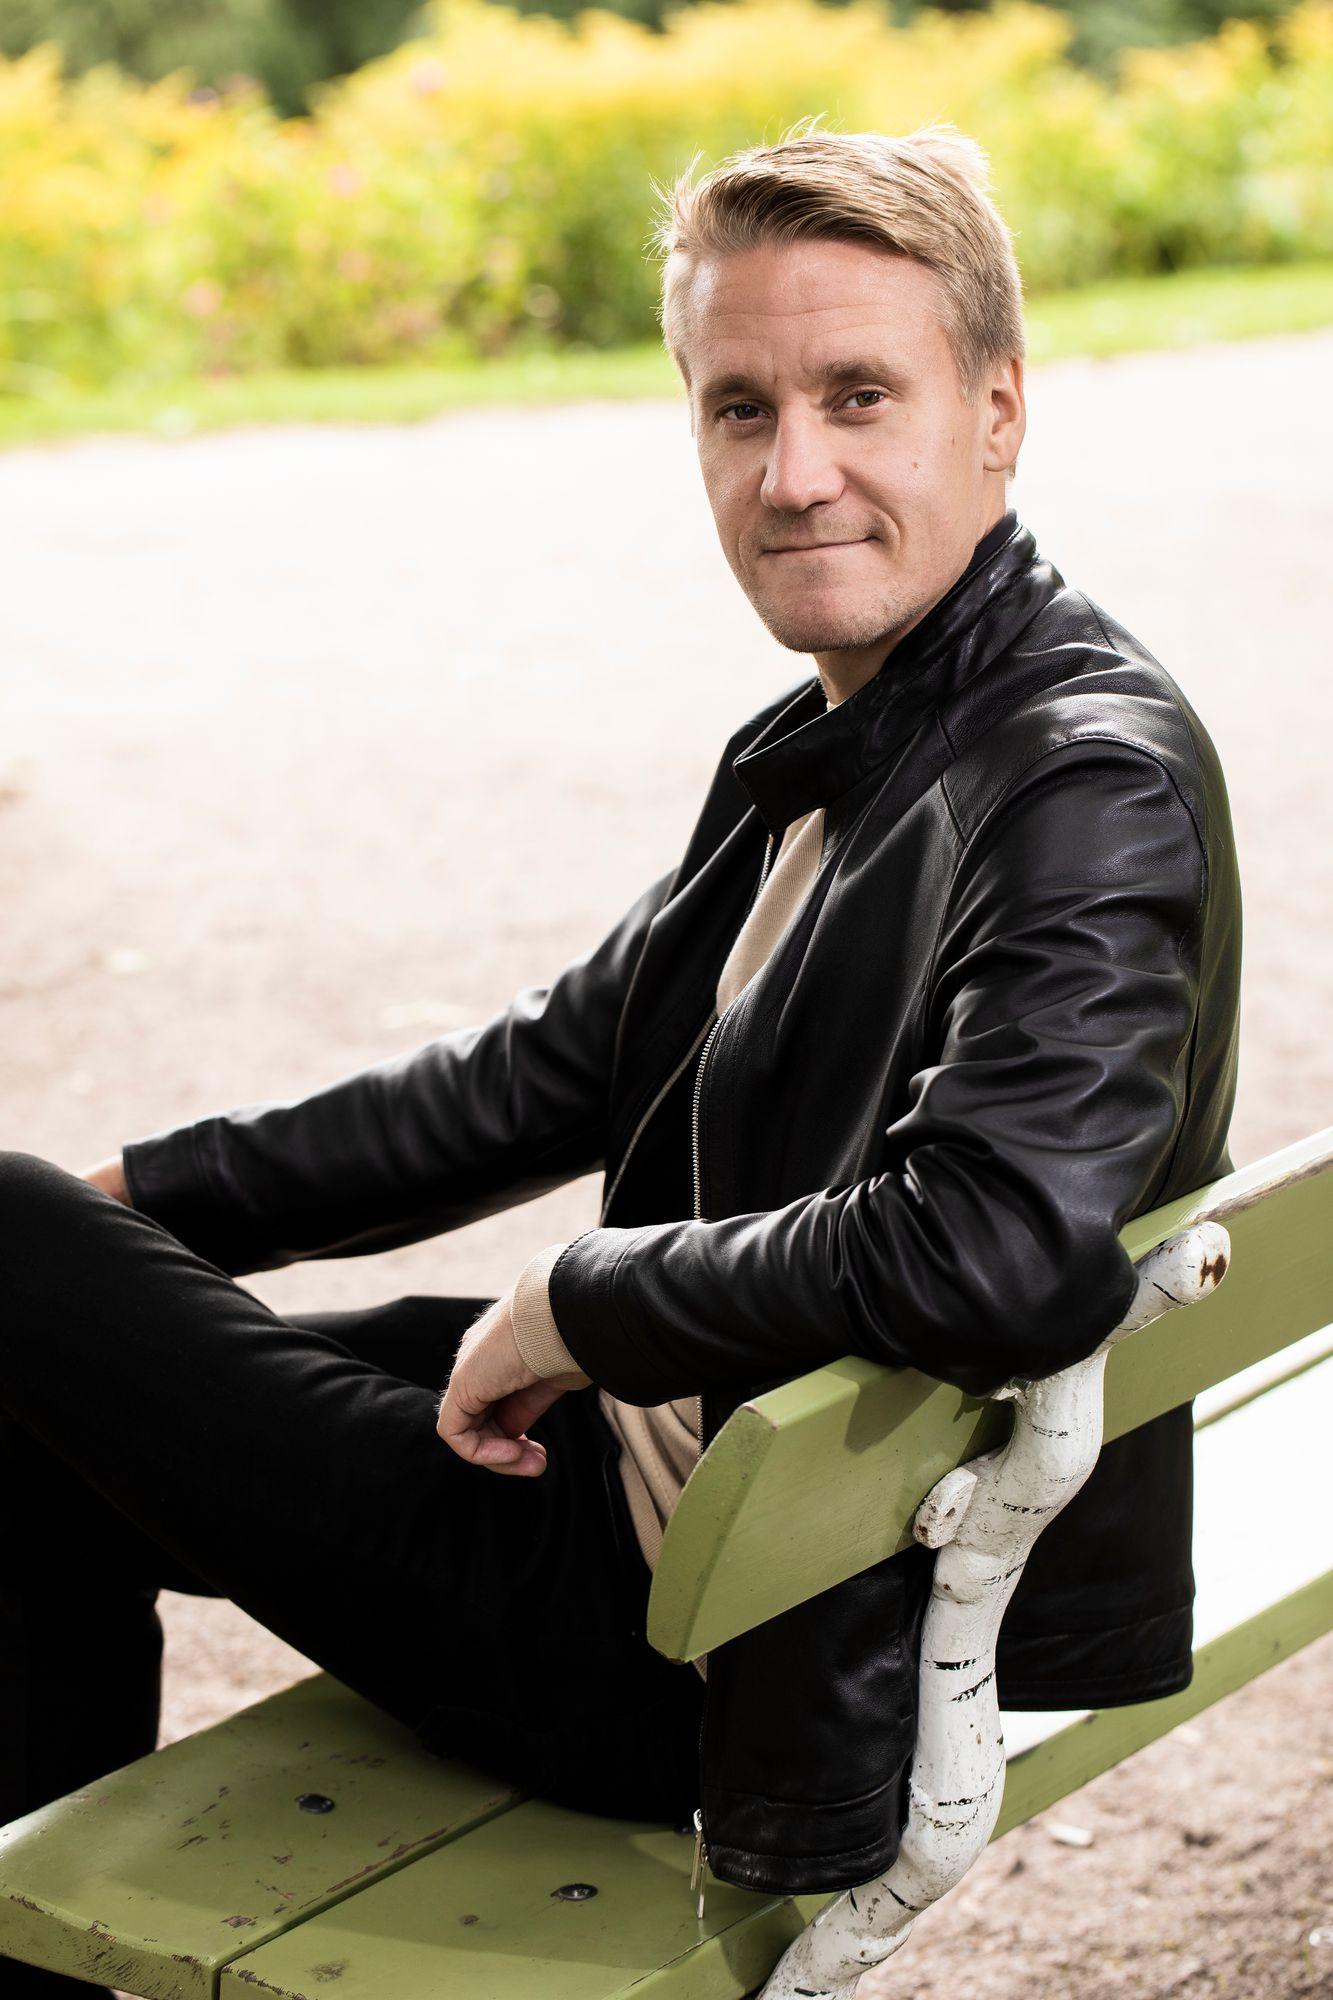 """""""Syy sairastumiseen oli se, etten puhunut asioistani; olin hautonut niitä sisälläni. Kun vastoinkäymisiä tuli useita putkeen, selkäranka katkesi."""" © Jonne Räsänen"""